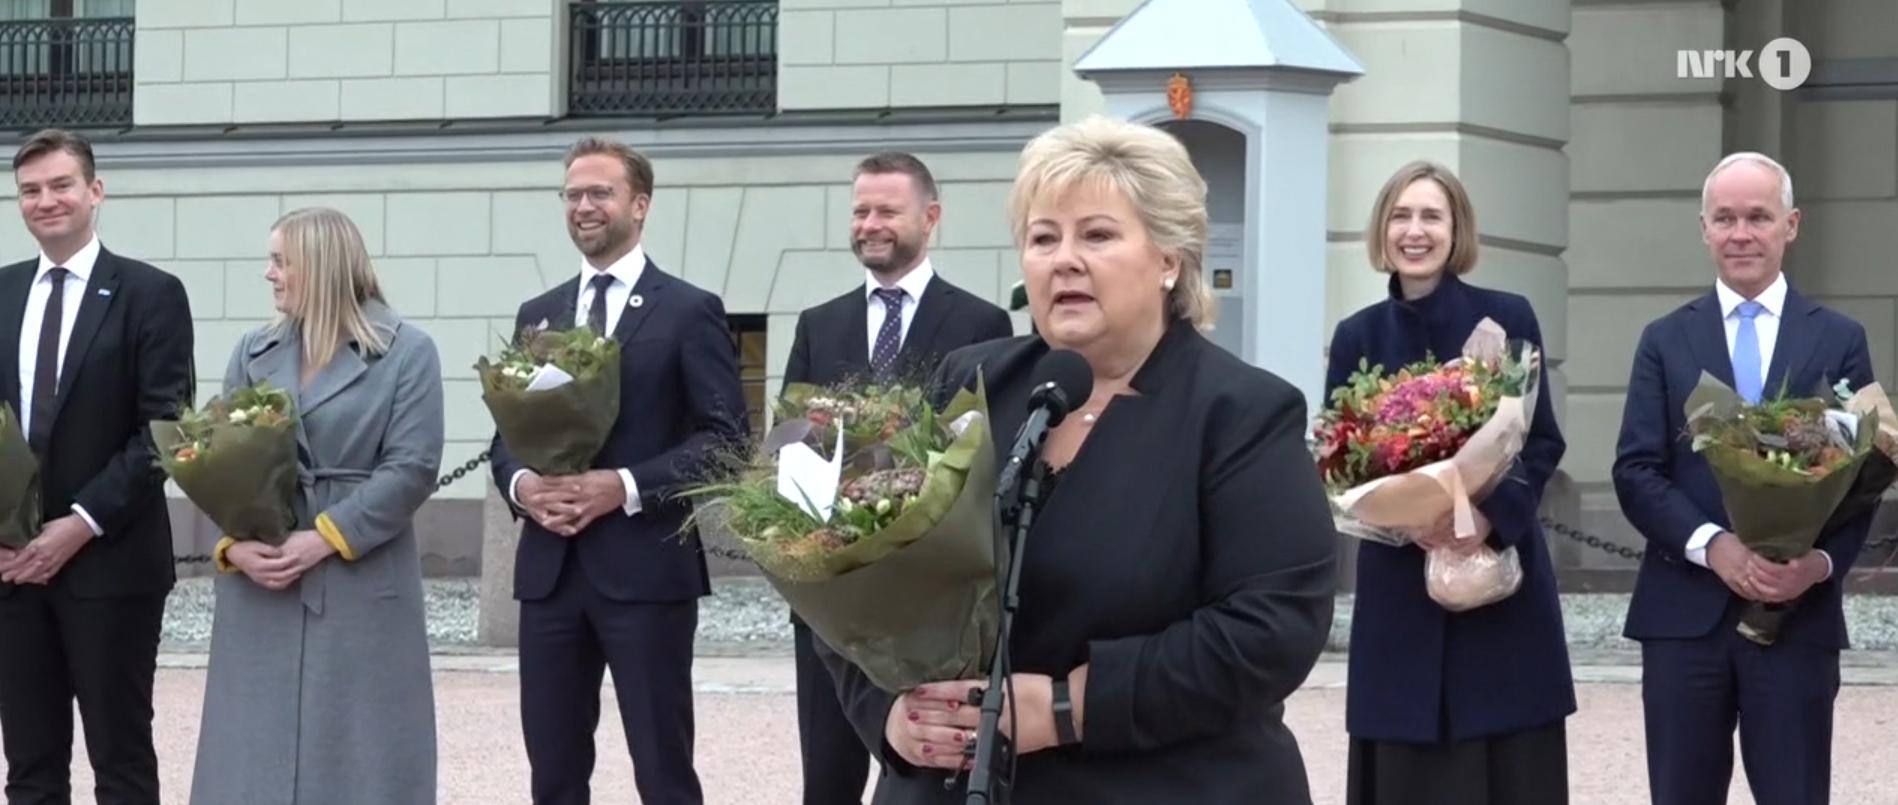 Remerciements d'Erna Solberg lors du départ du gouvernement